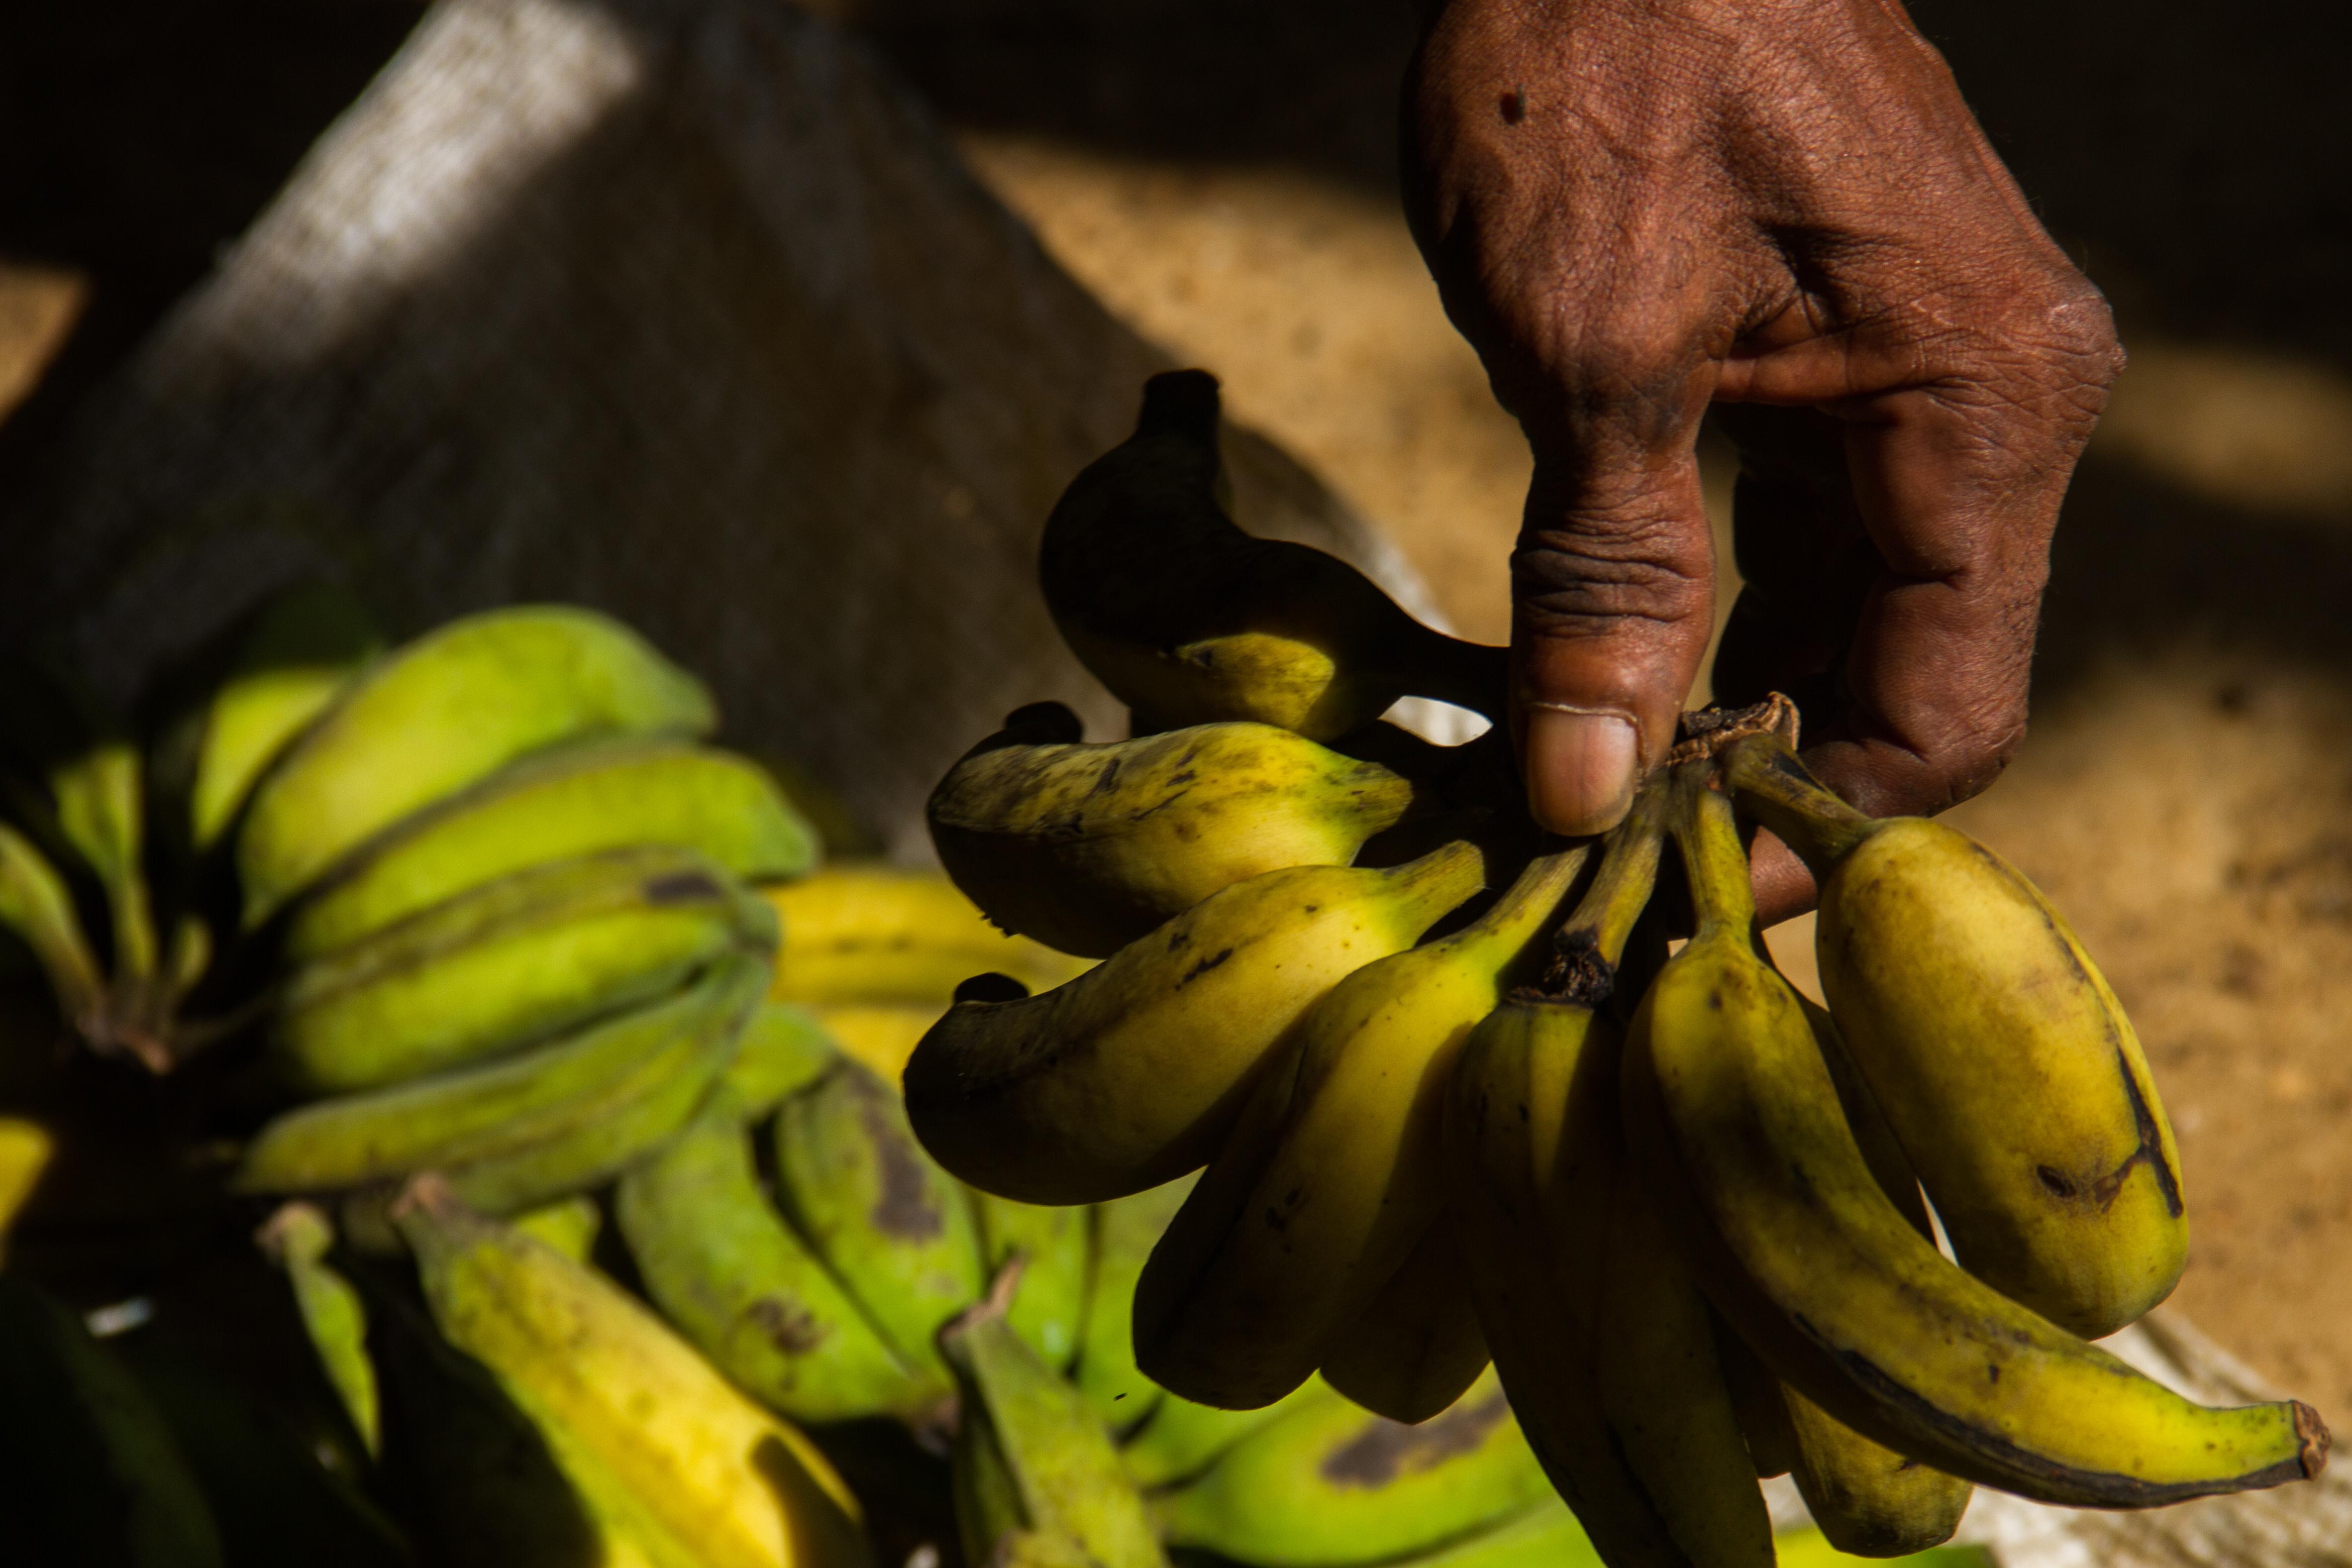 Comunidades tradicionais no Pará mantêm renda durante pandemia com venda de produtos da agricultura familiar